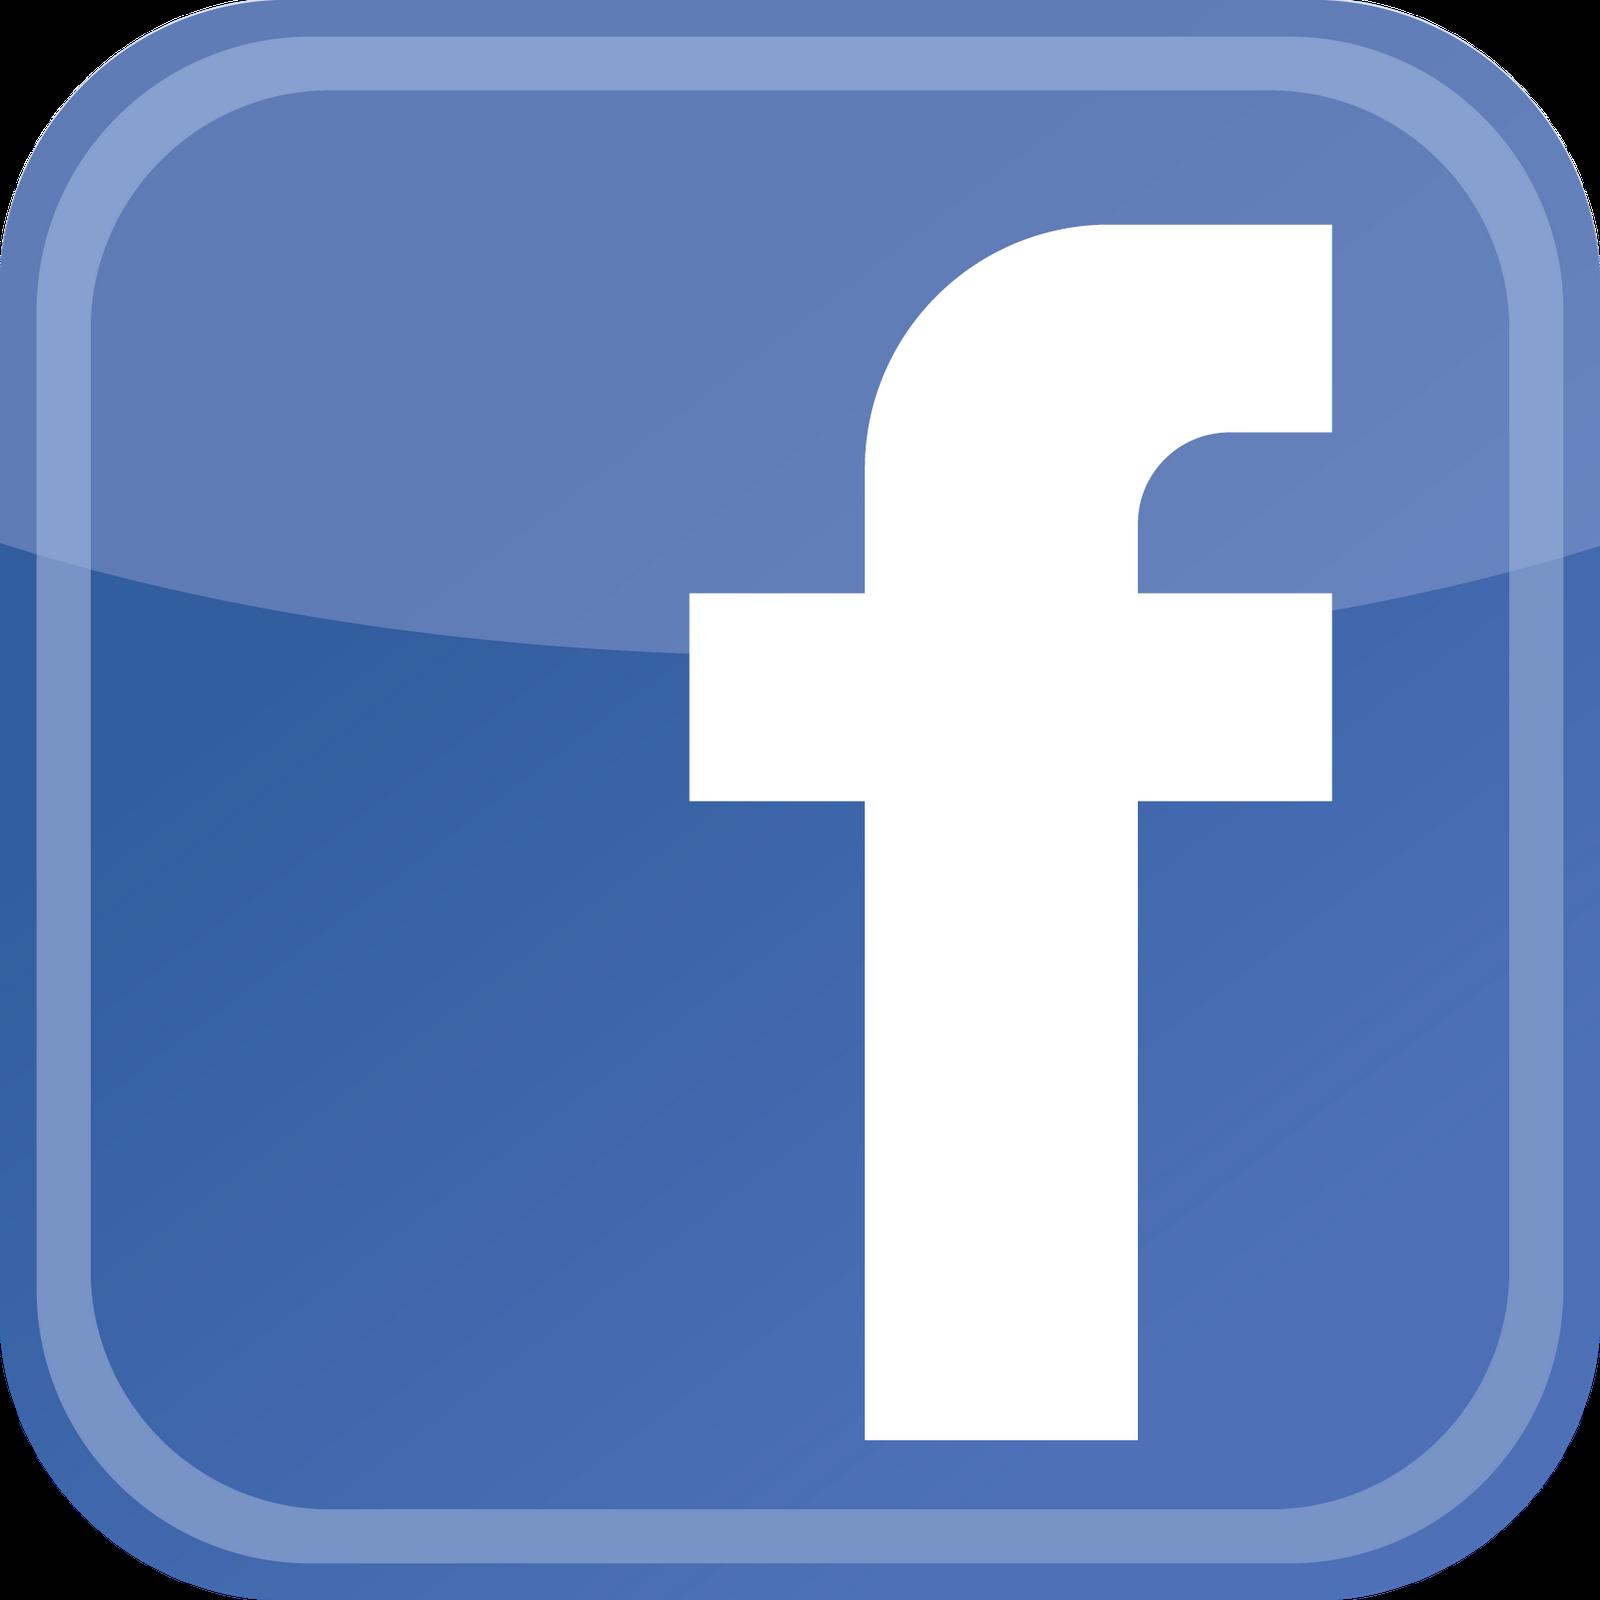 Facebook PNG Transparent Images.